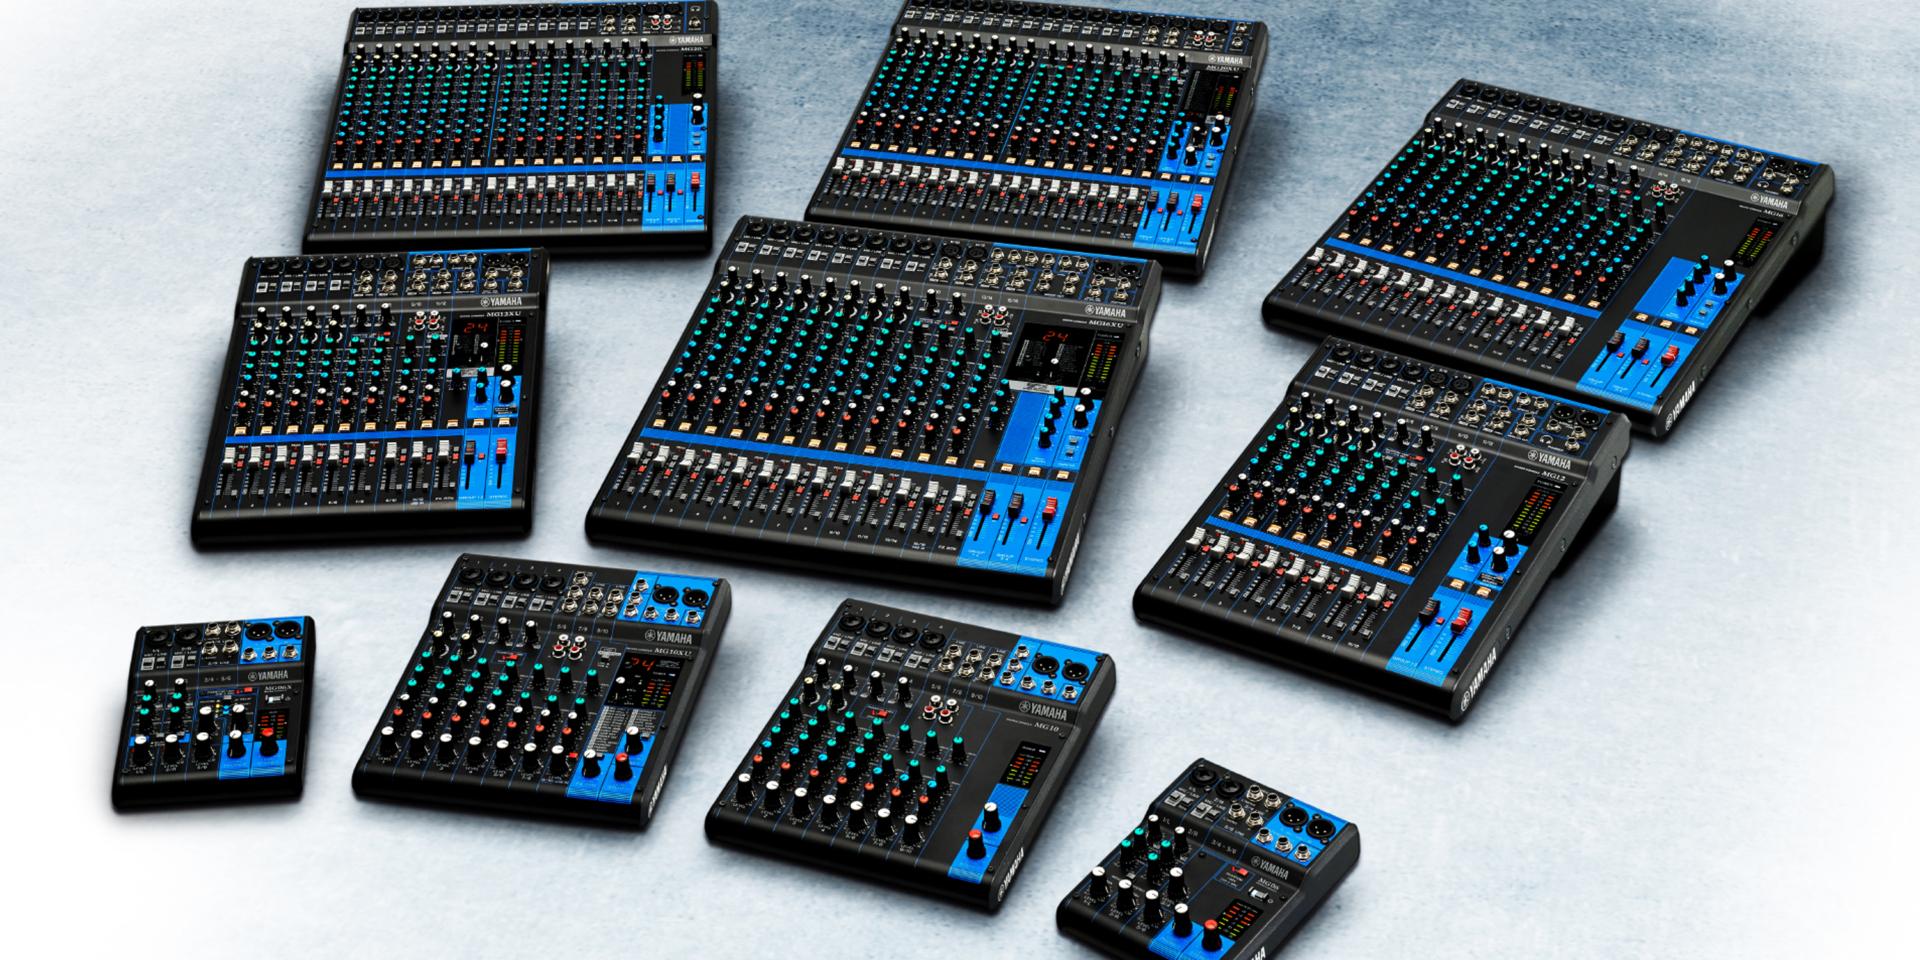 Con un'interfaccia intuitiva e facile da usare, la serie MG vanta una vasta gamma di modelli che vanno da sei a venti canali, perfetti per applicazioni live, recording e install. Nei modeli XU troviamo inoltre l'acclamato Multieffetto SPX Yamaha, la connessione USB per riprodurre o registrare 2in/out a 24Bit/192kHz e una licenza in bundle di Cubase AI.